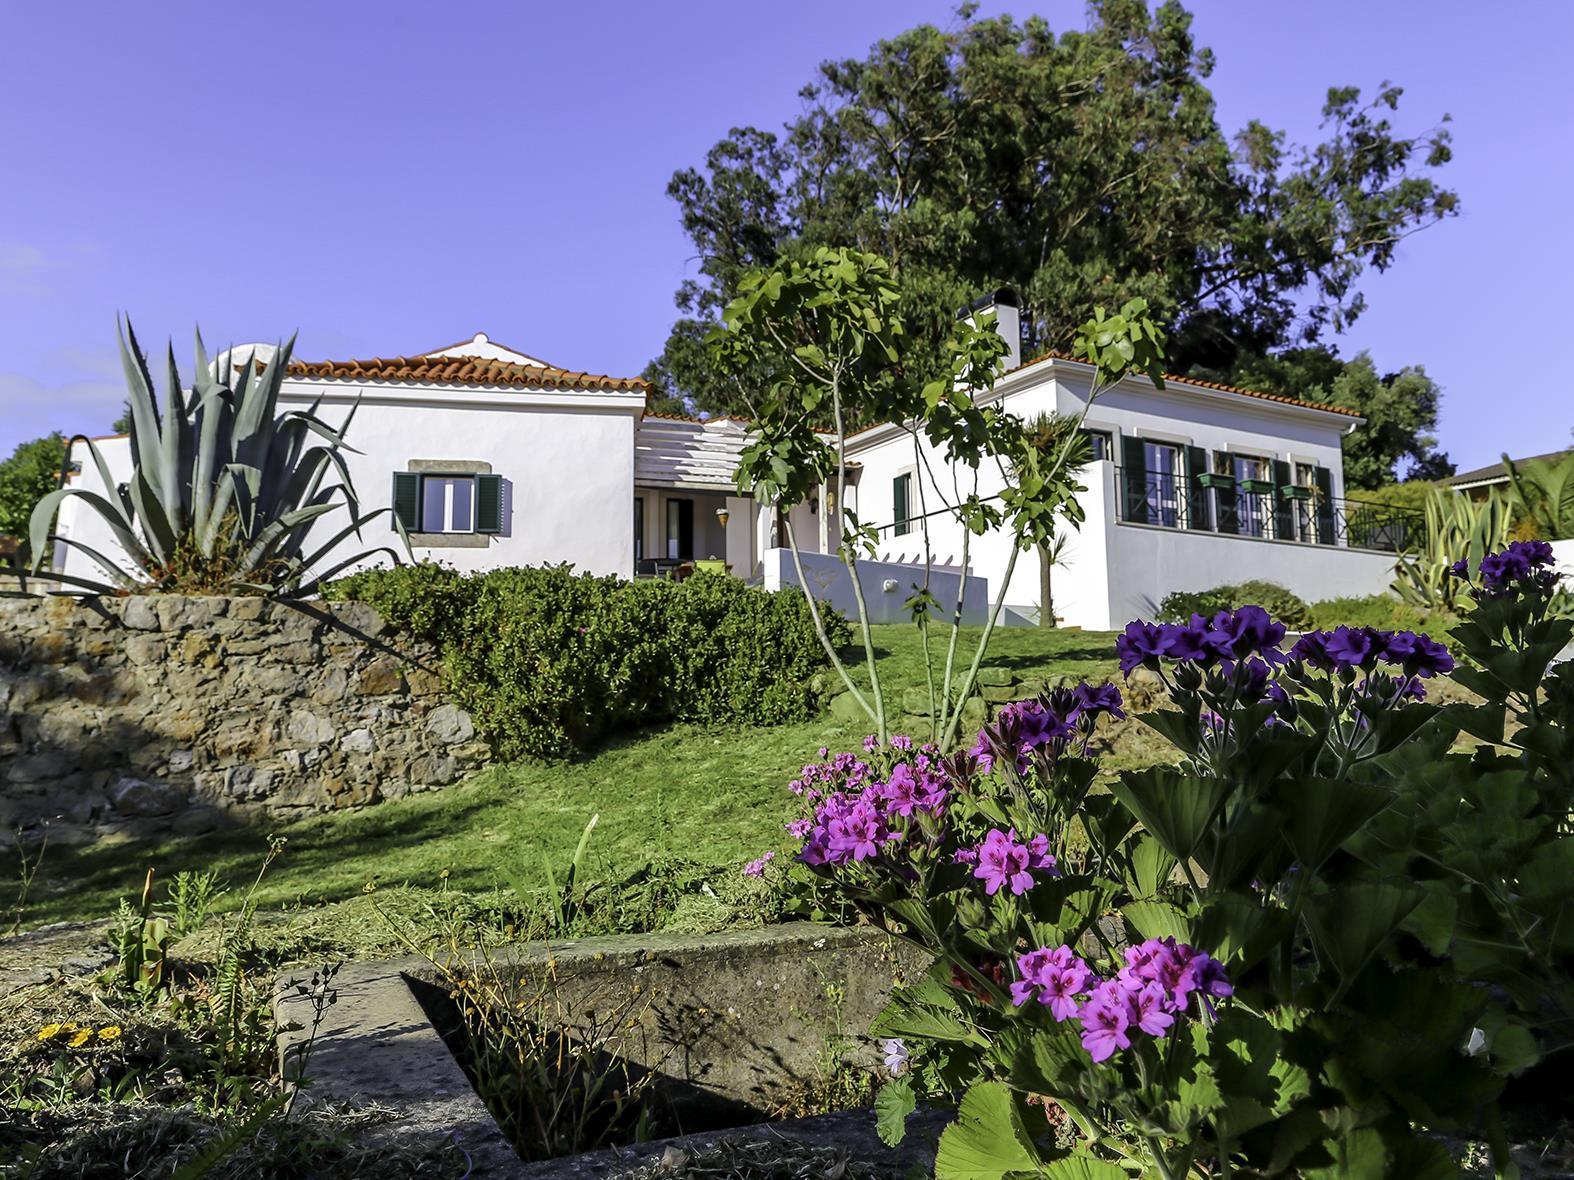 独户住宅 为 销售 在 House, 5 bedrooms, for Sale Sintra, Sintra, 葡京 葡萄牙